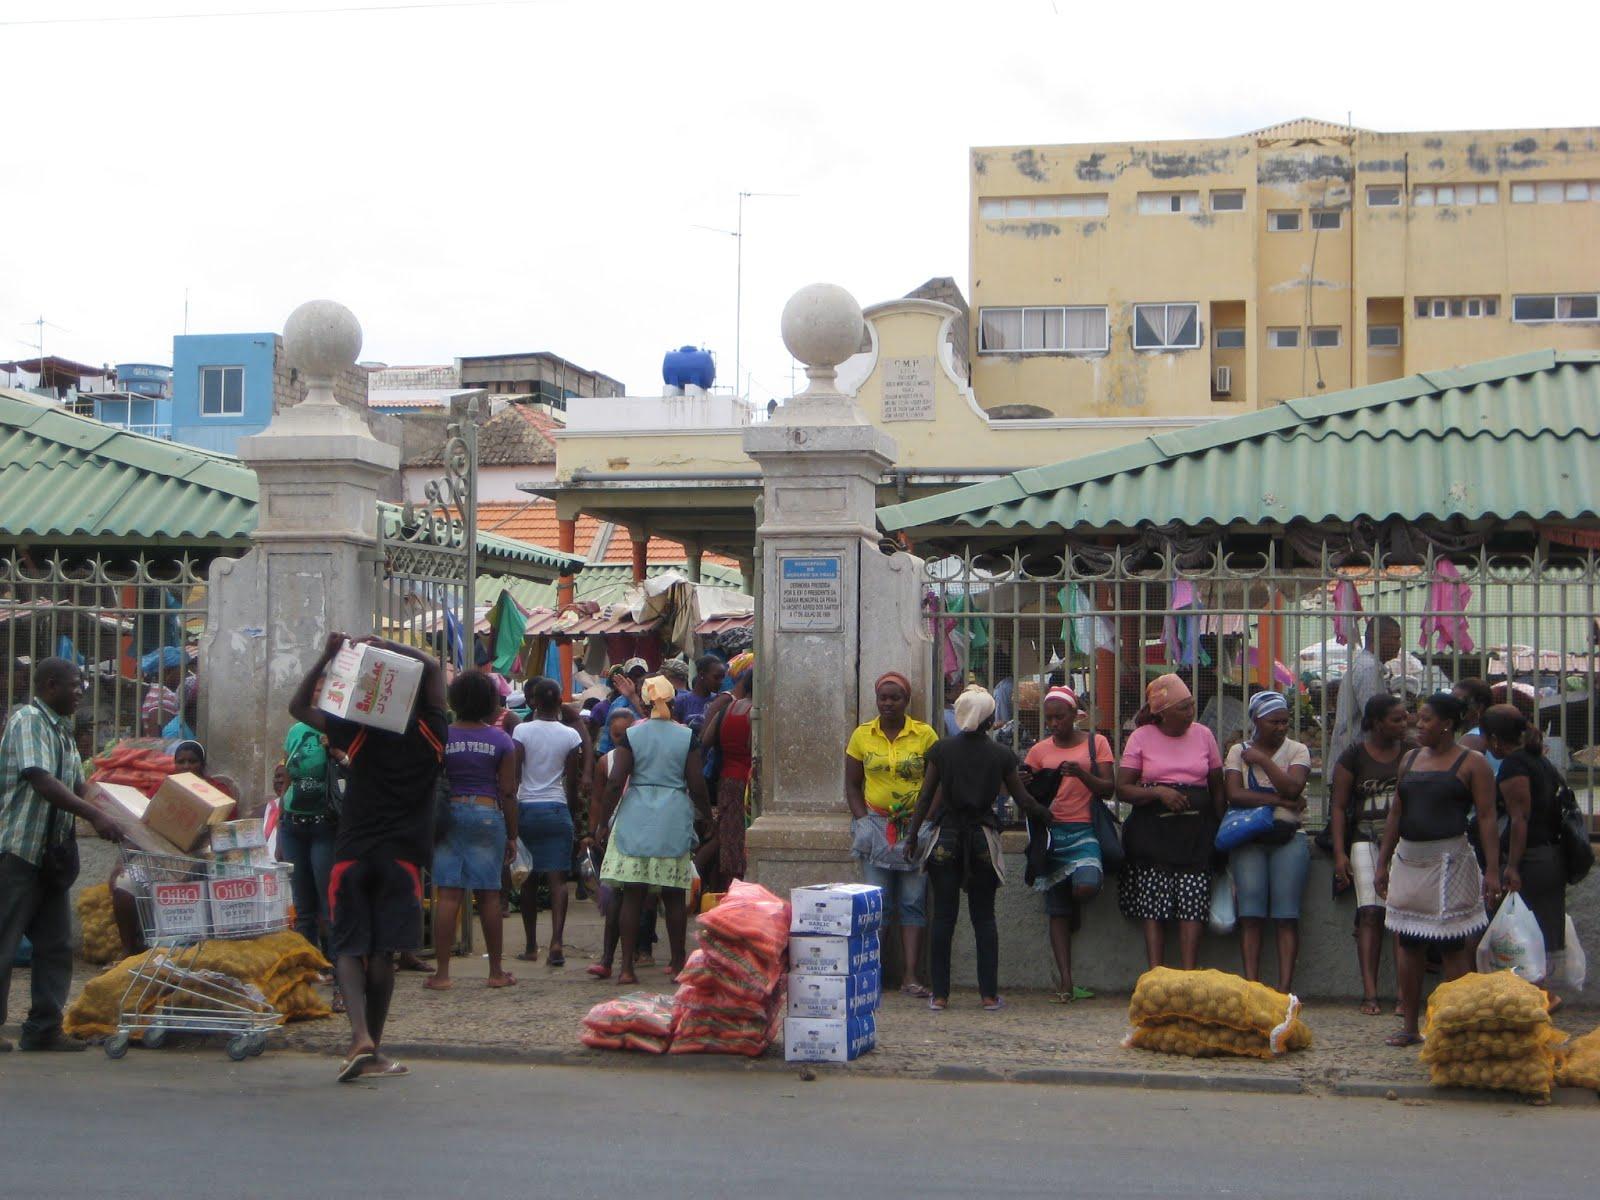 The Market in Praia, Cape Verde